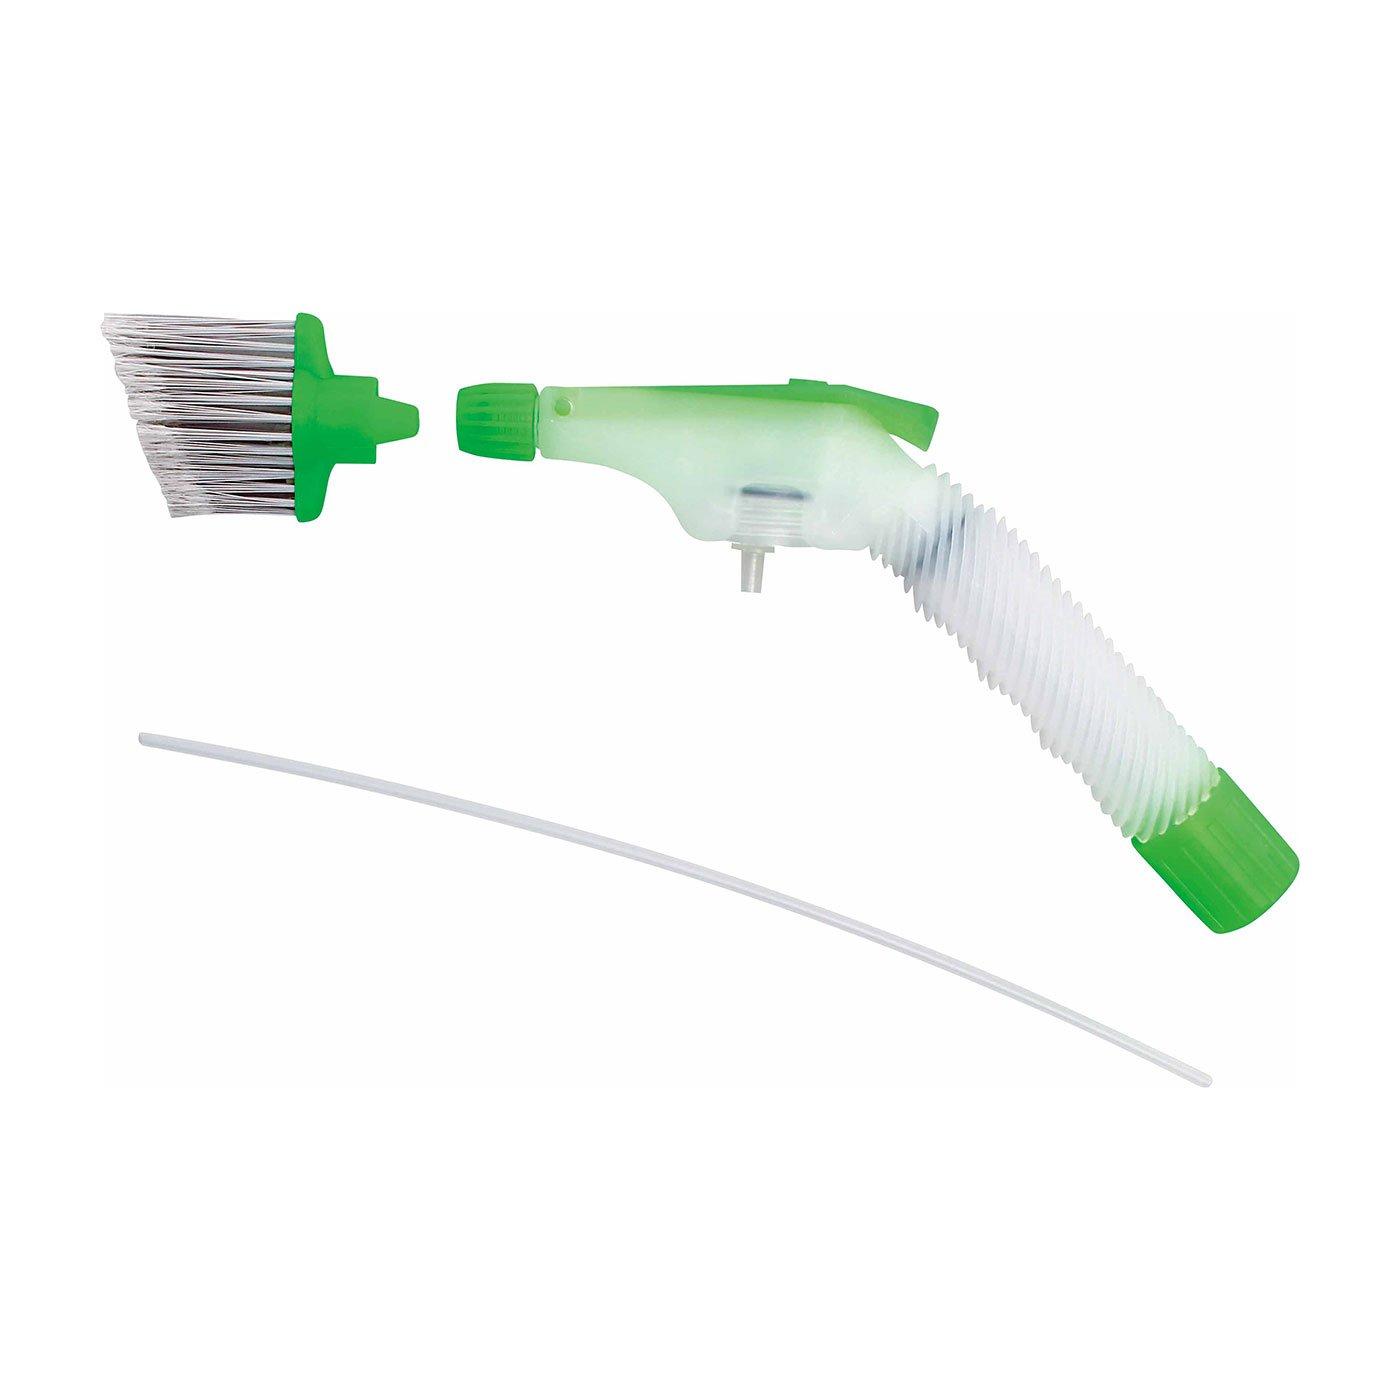 すき間汚れもらくらくお掃除 ペットボトルを水圧洗浄機に変身させるジェットスプレーノズル